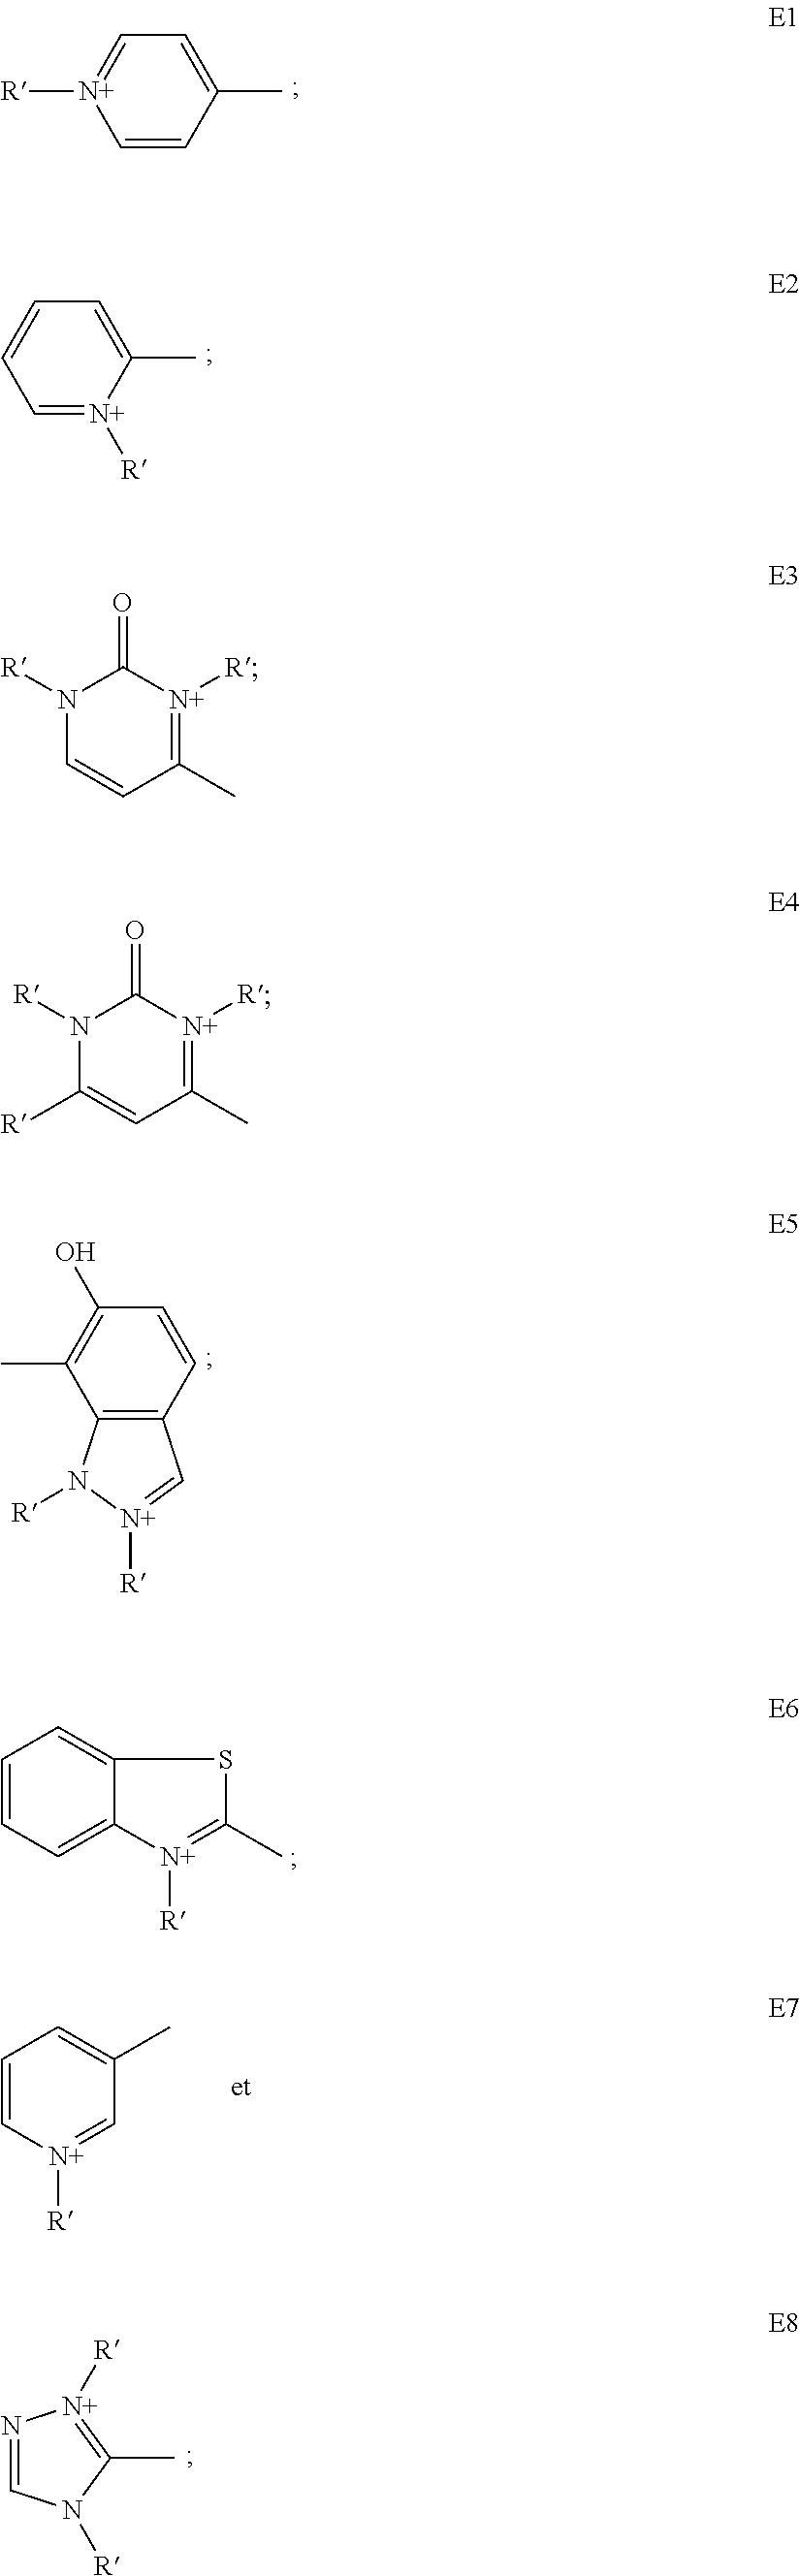 Figure US08114170-20120214-C00011